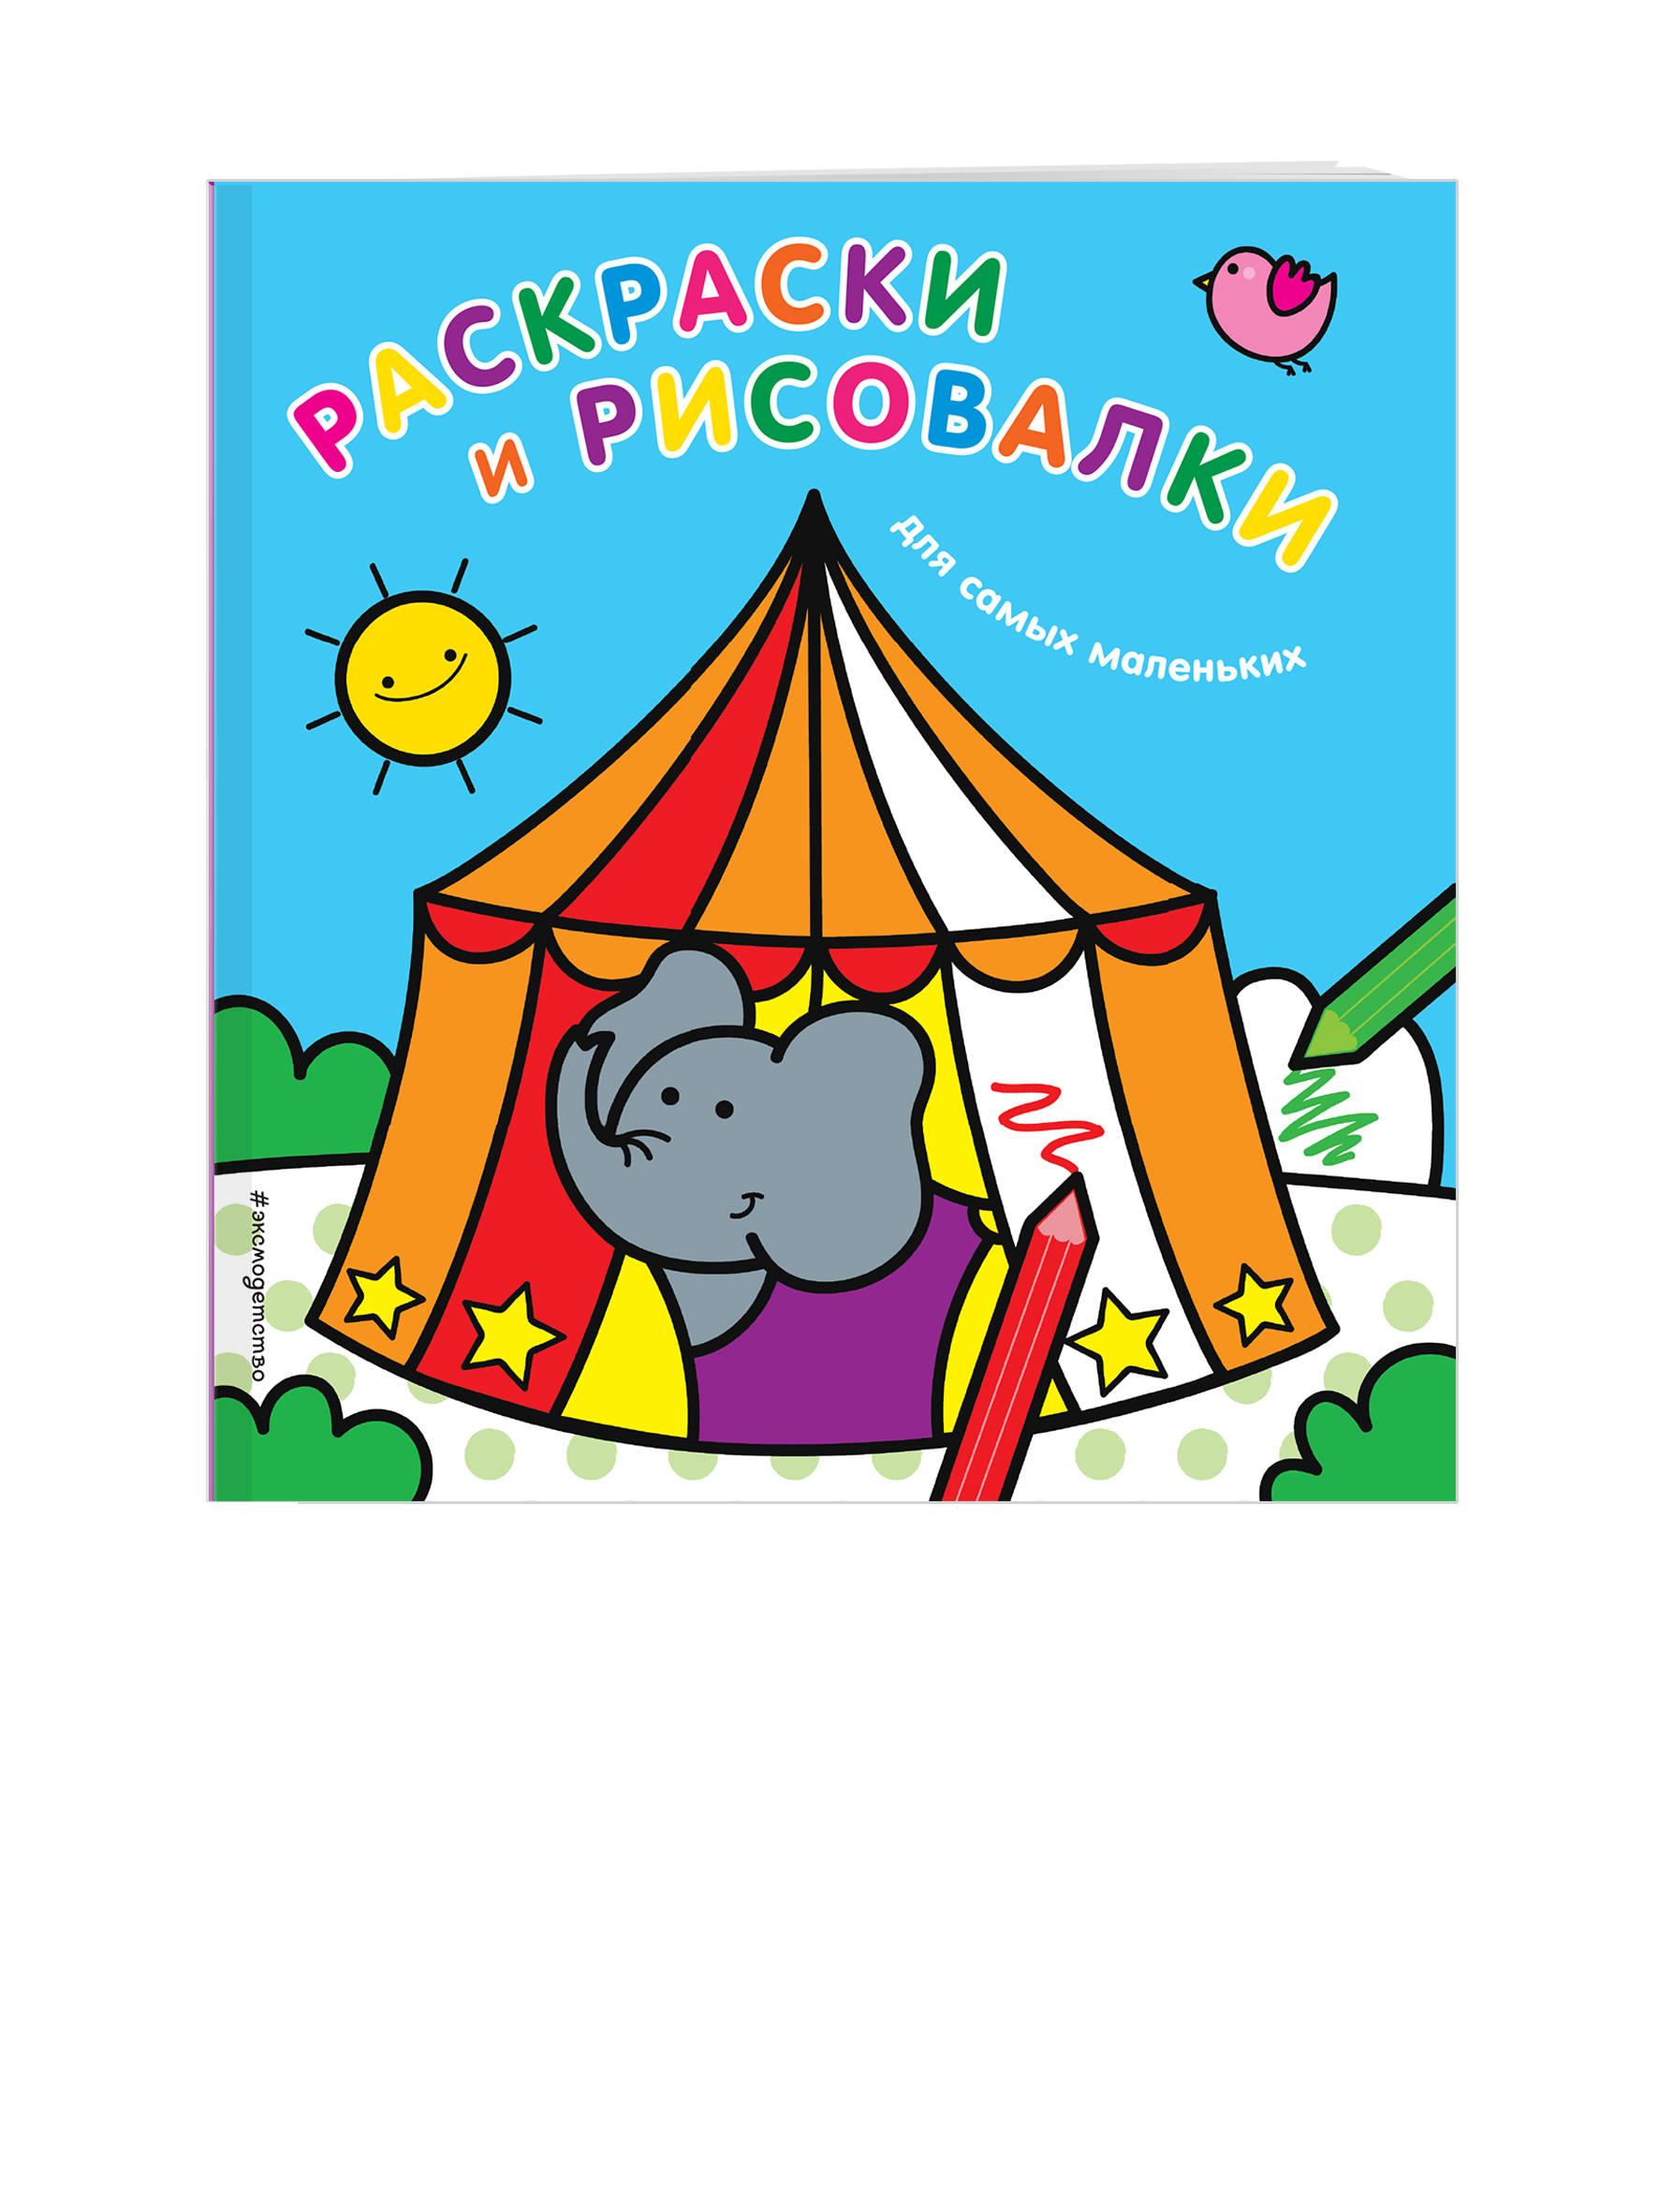 Раскраски и рисовалки для самых маленьких (слоненок) раскраски эксмо подарочный комплект со скидкой 2 раскраски